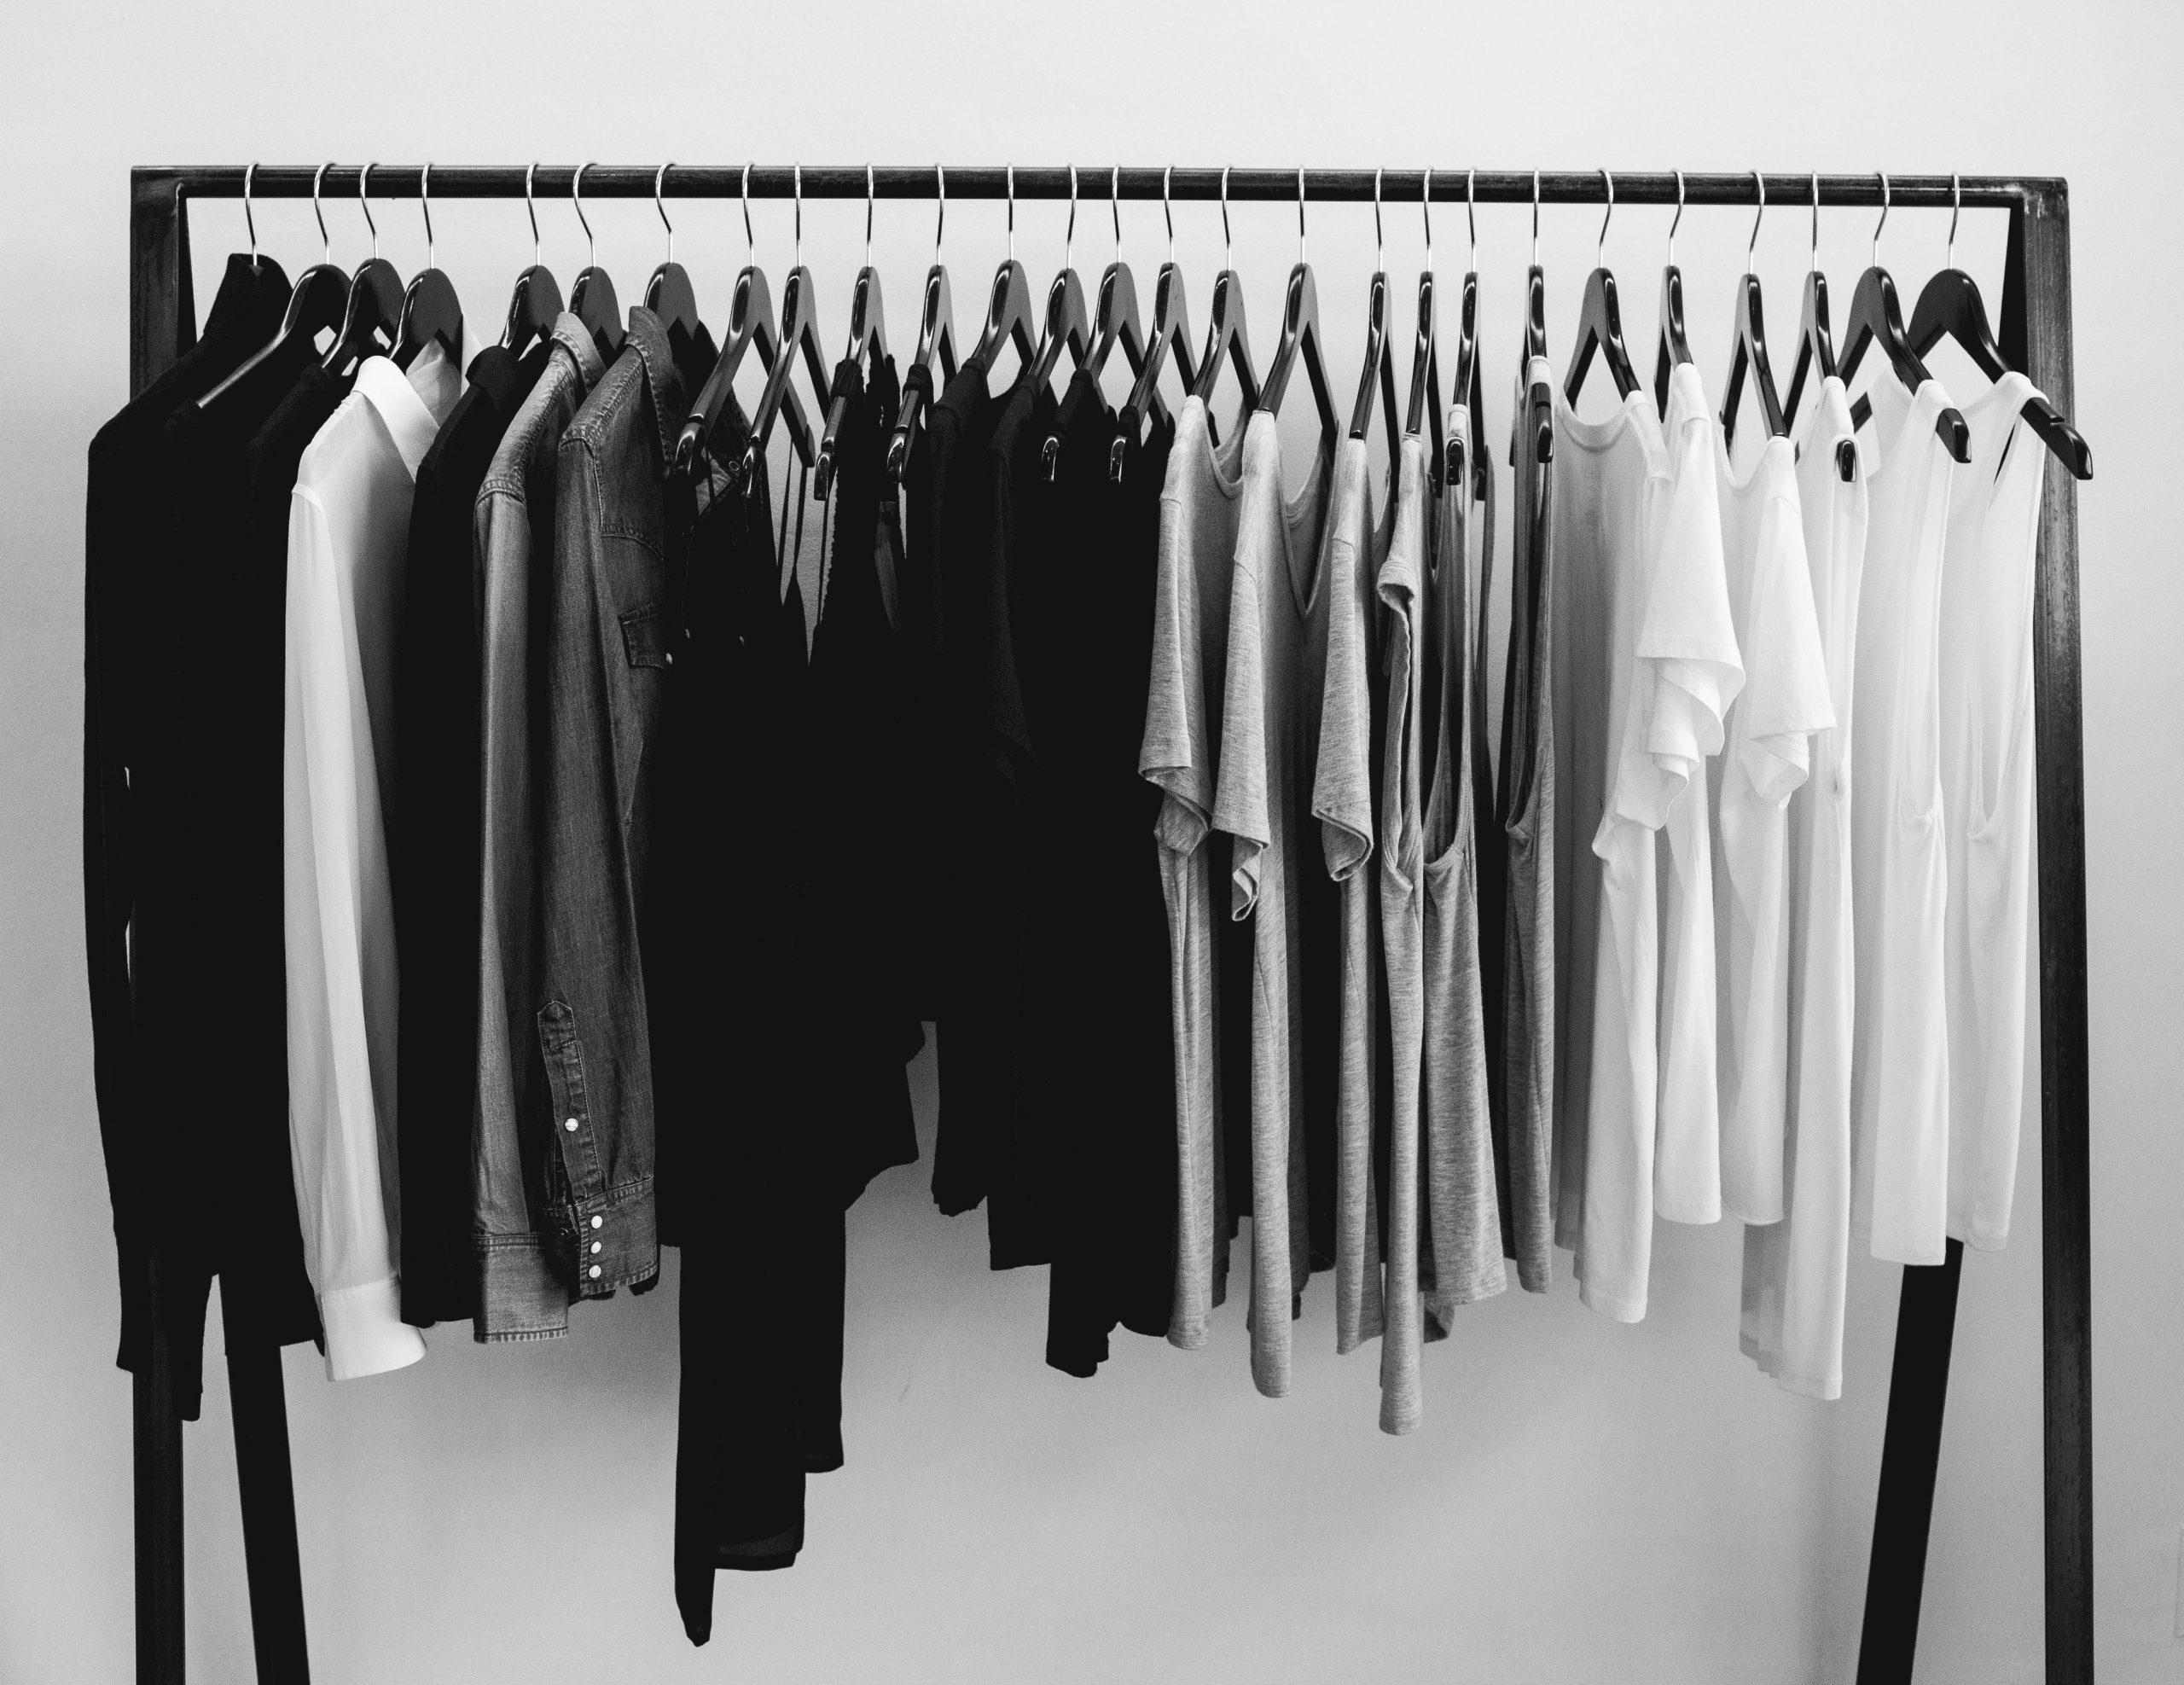 Đầu năm Tân Sửu kiêng kỵ mặt đồ màu đen và màu trắng